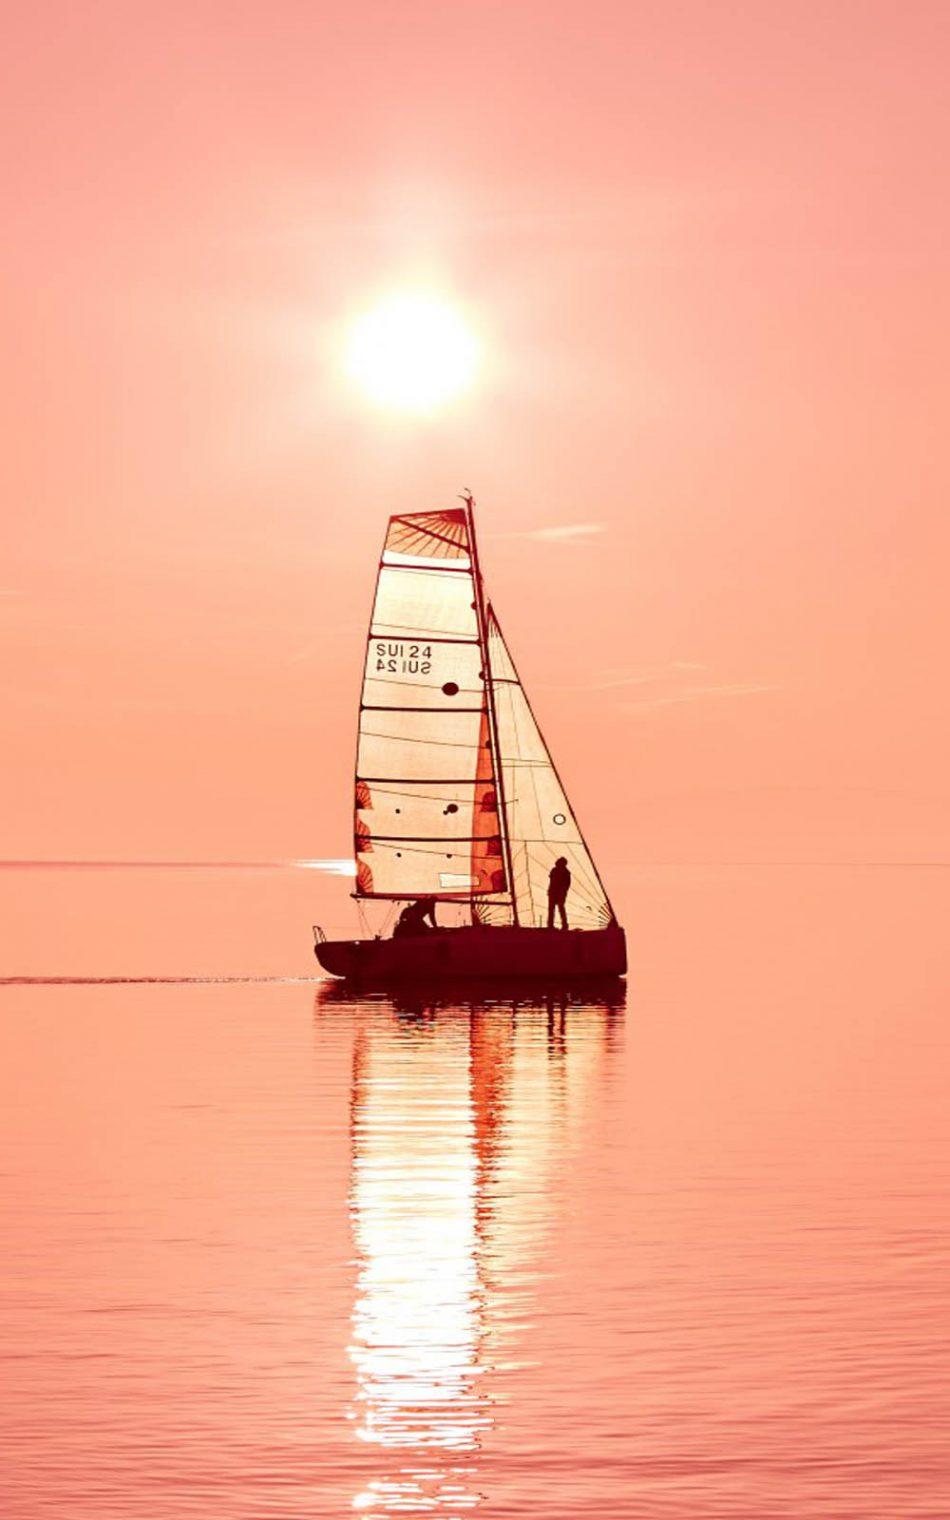 Ocean Sunset Sail Boat HD Mobile Wallpaper